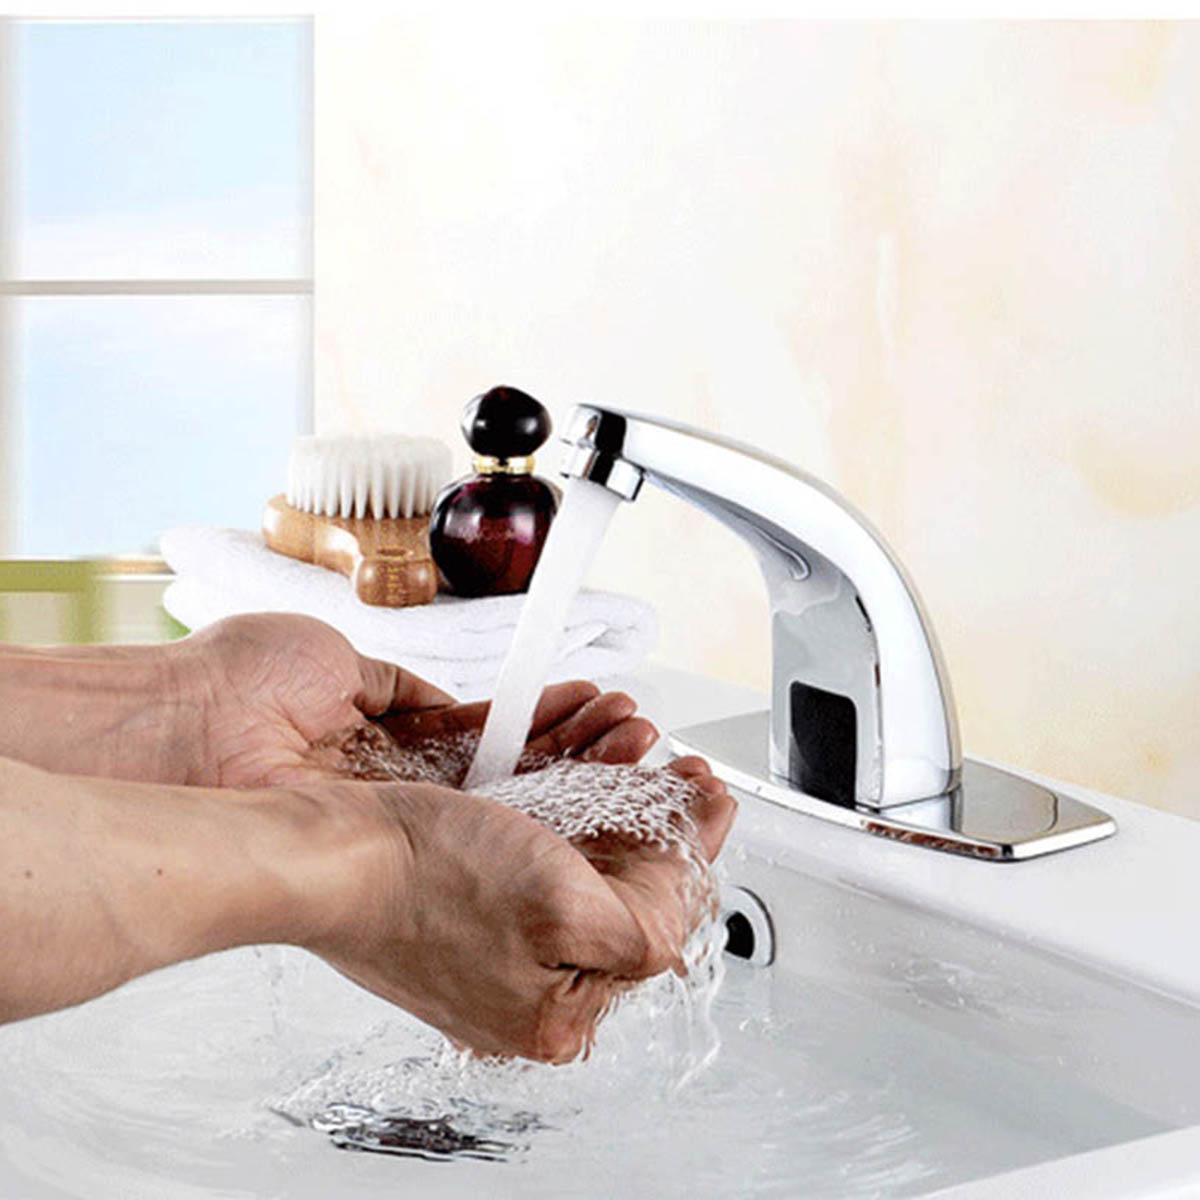 En alliage de Zinc automatique capteur infrarouge cuisine bassin évier robinet intelligent sans contact évier mélangeur chaud froid robinet unique poignée pont montage